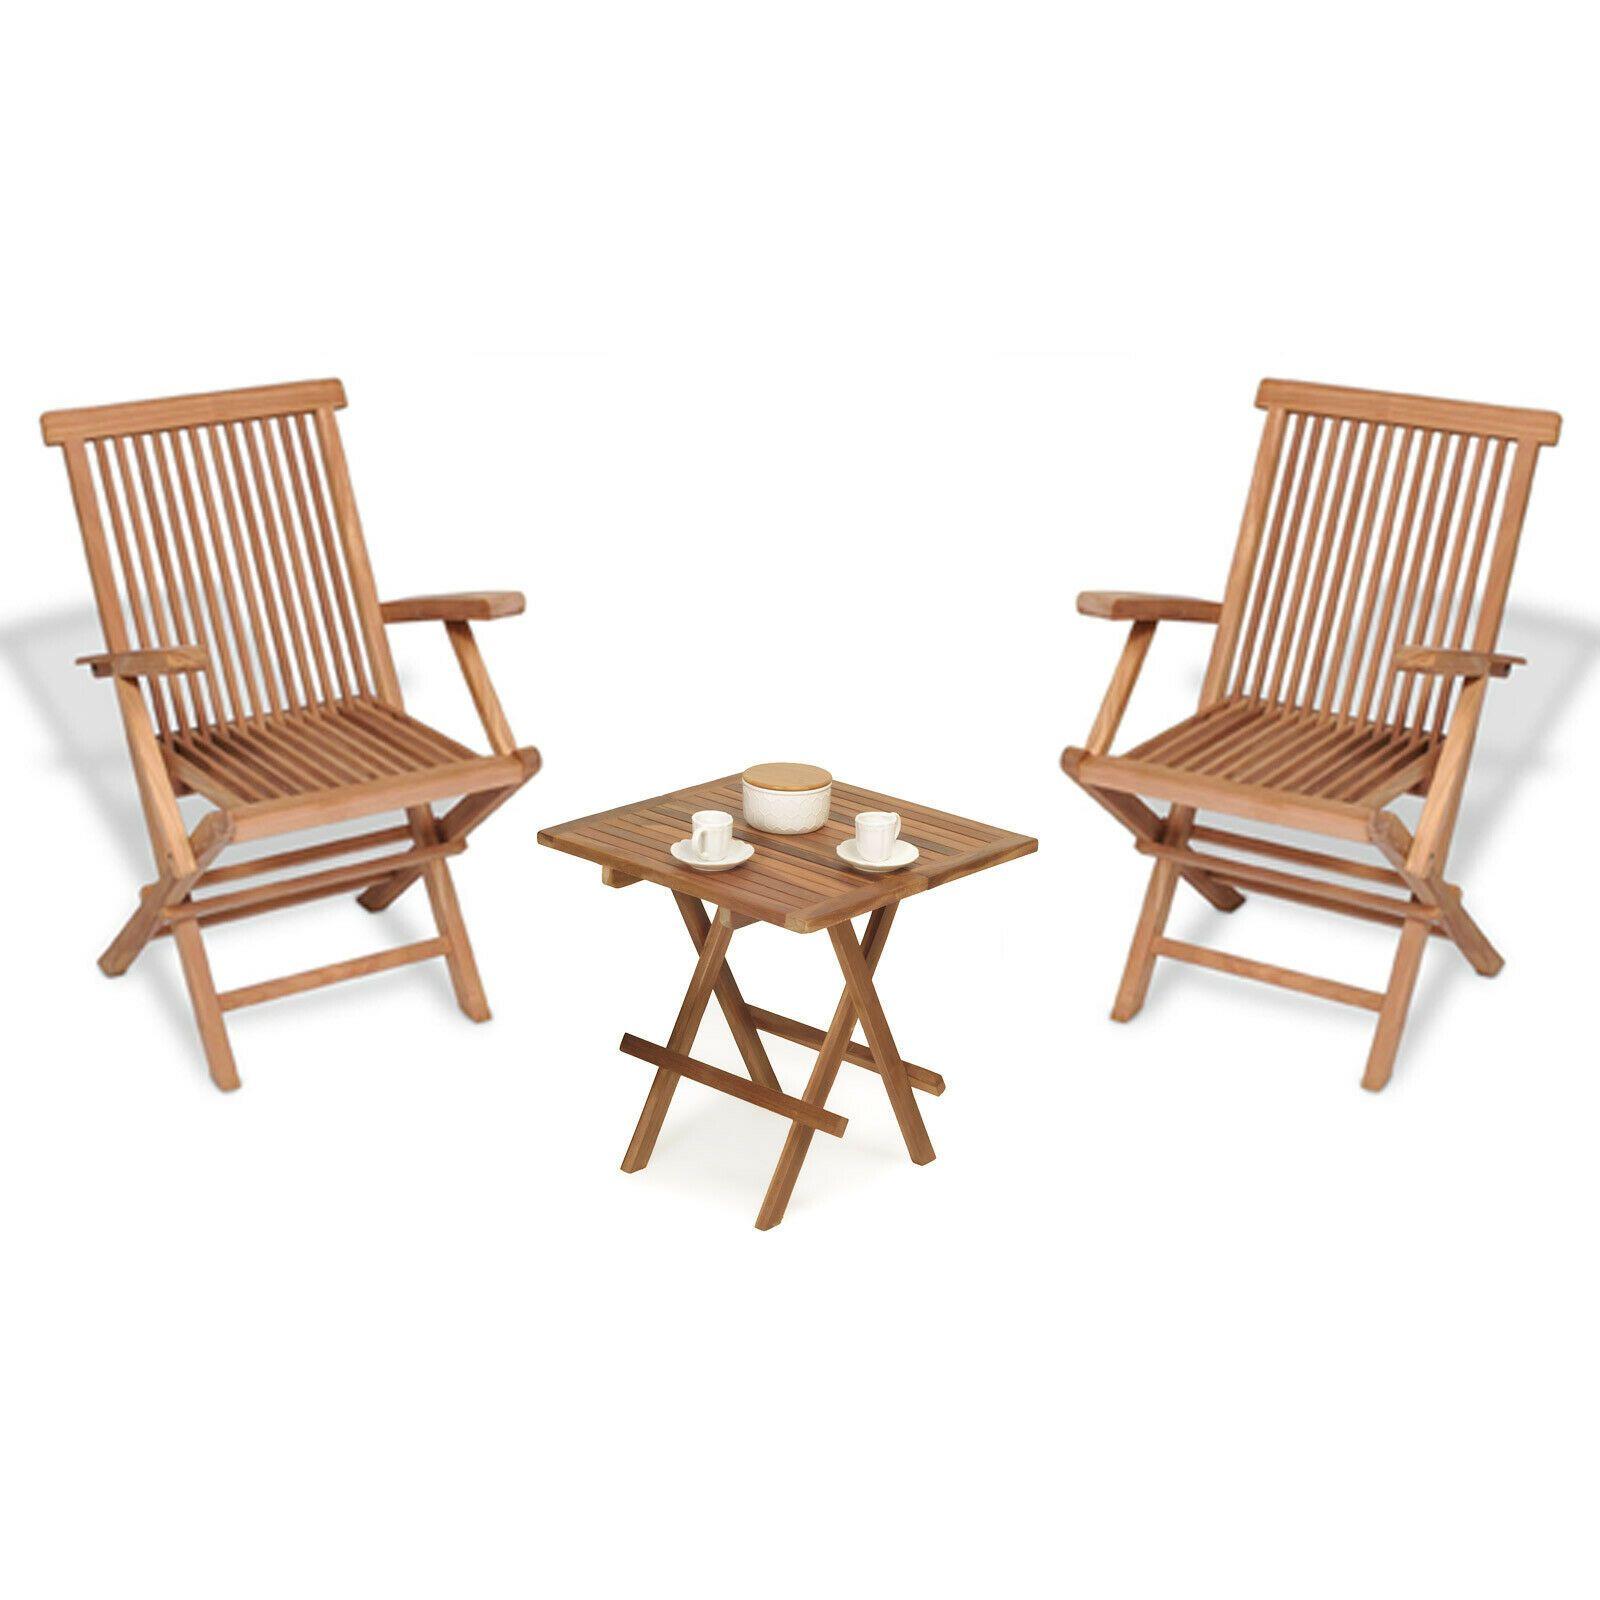 Set Table Basse Avec 2 Fauteuils Avec Accoudoirs De Jardin En Teck Accoudoirs Avec Basse De En Fauteuil Fauteuil Sans Accoudoir Table Basse Set De Table